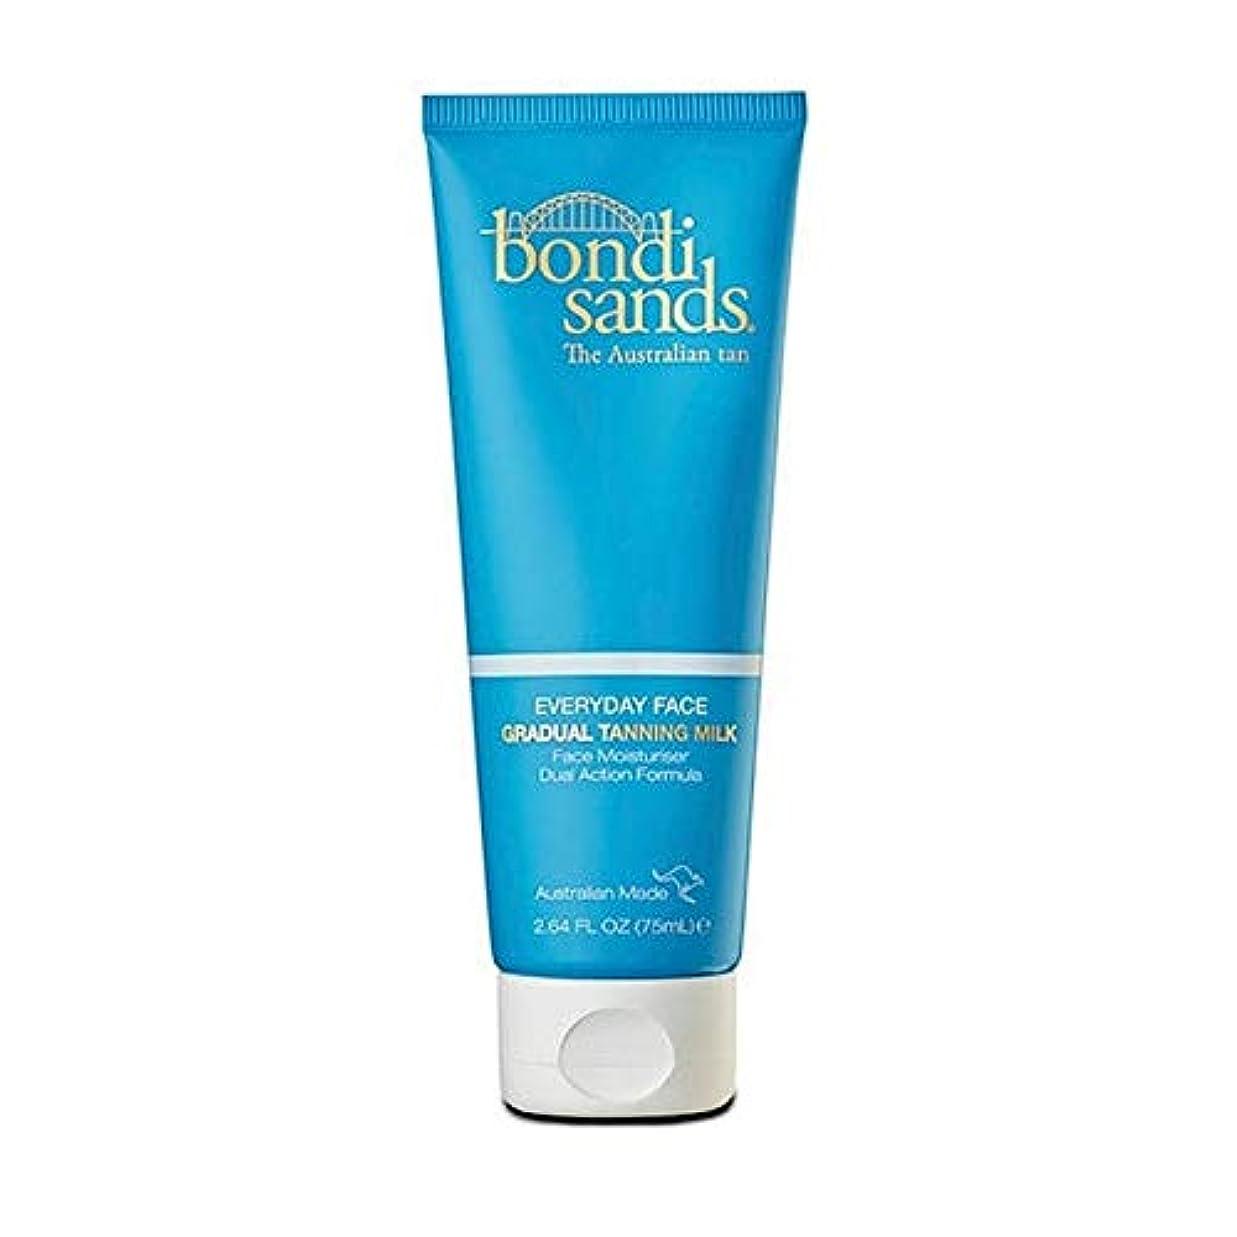 雑多な急ぐ割合[Bondi Sands ] 日常ボンダイ砂 - 顔のための段階的な日焼けミルク - 75ミリリットル - Bondi Sands Everyday - Gradual Tanning Milk for Face - 75ml...